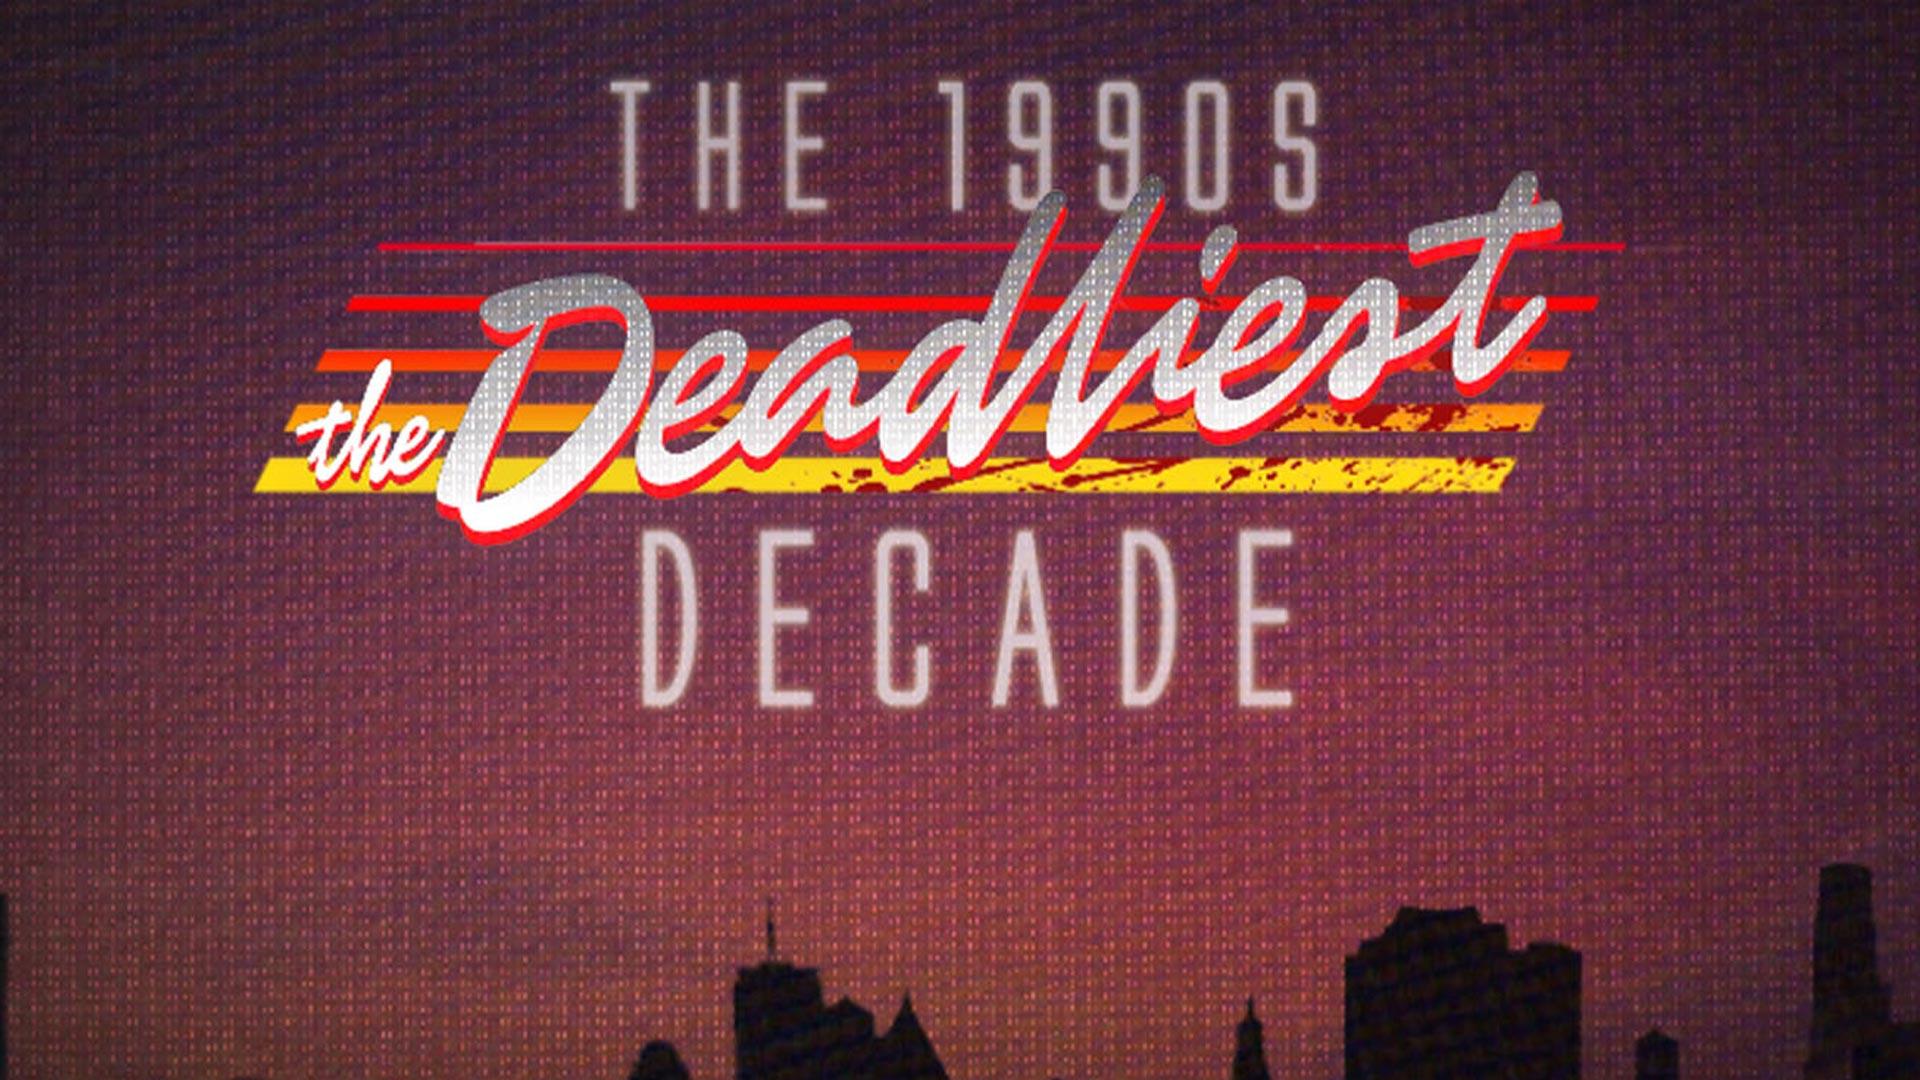 The 1990s: The Deadliest Decade - Season 1